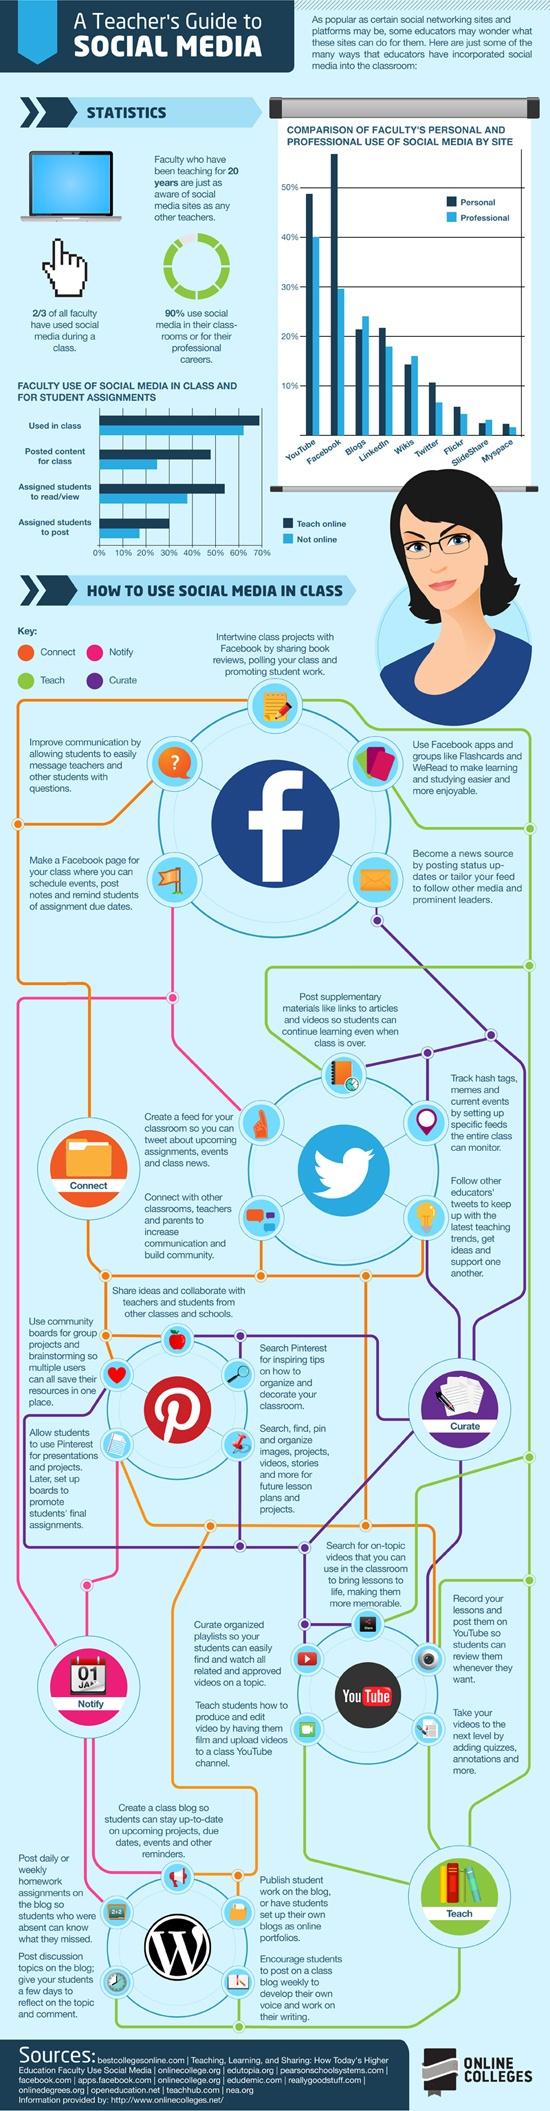 Sociale media inzetten in je klas